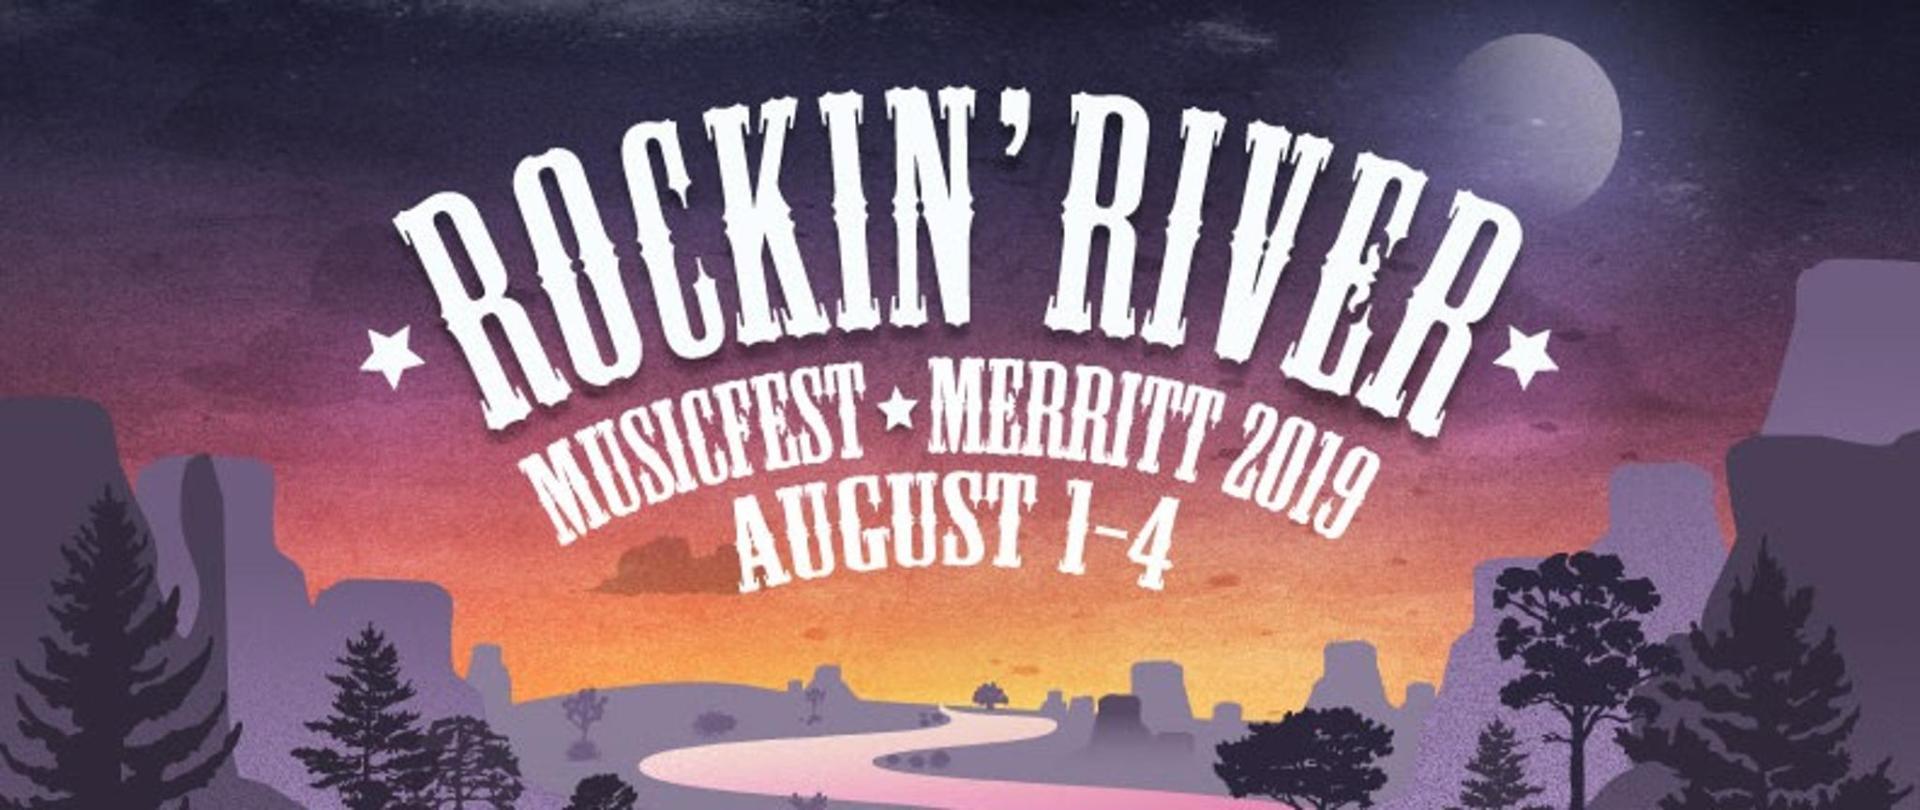 rockin river 2019.jpg